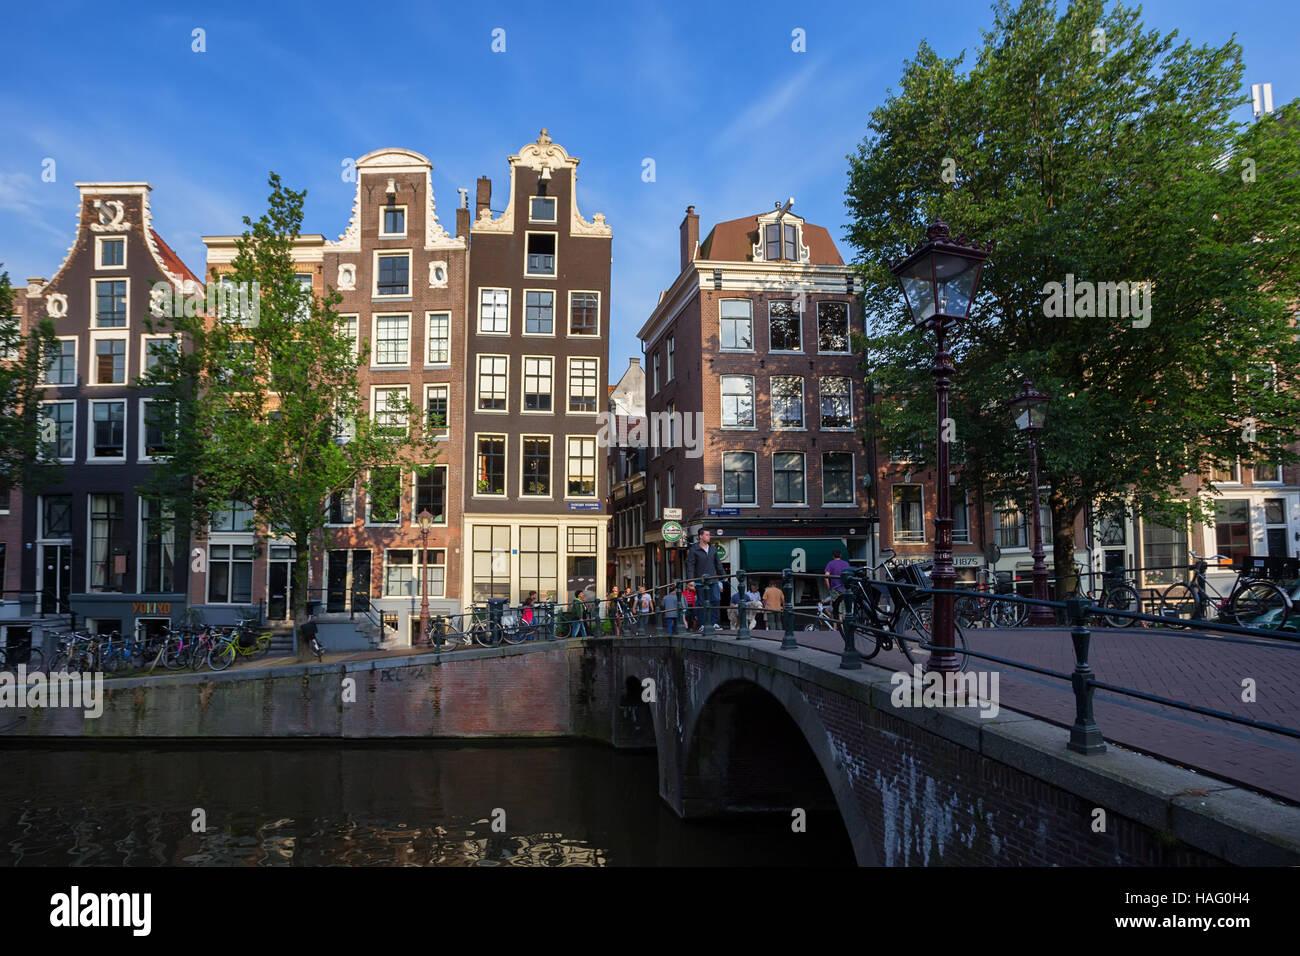 AMSTERDAM - circa giugno 2014 Immagini Stock